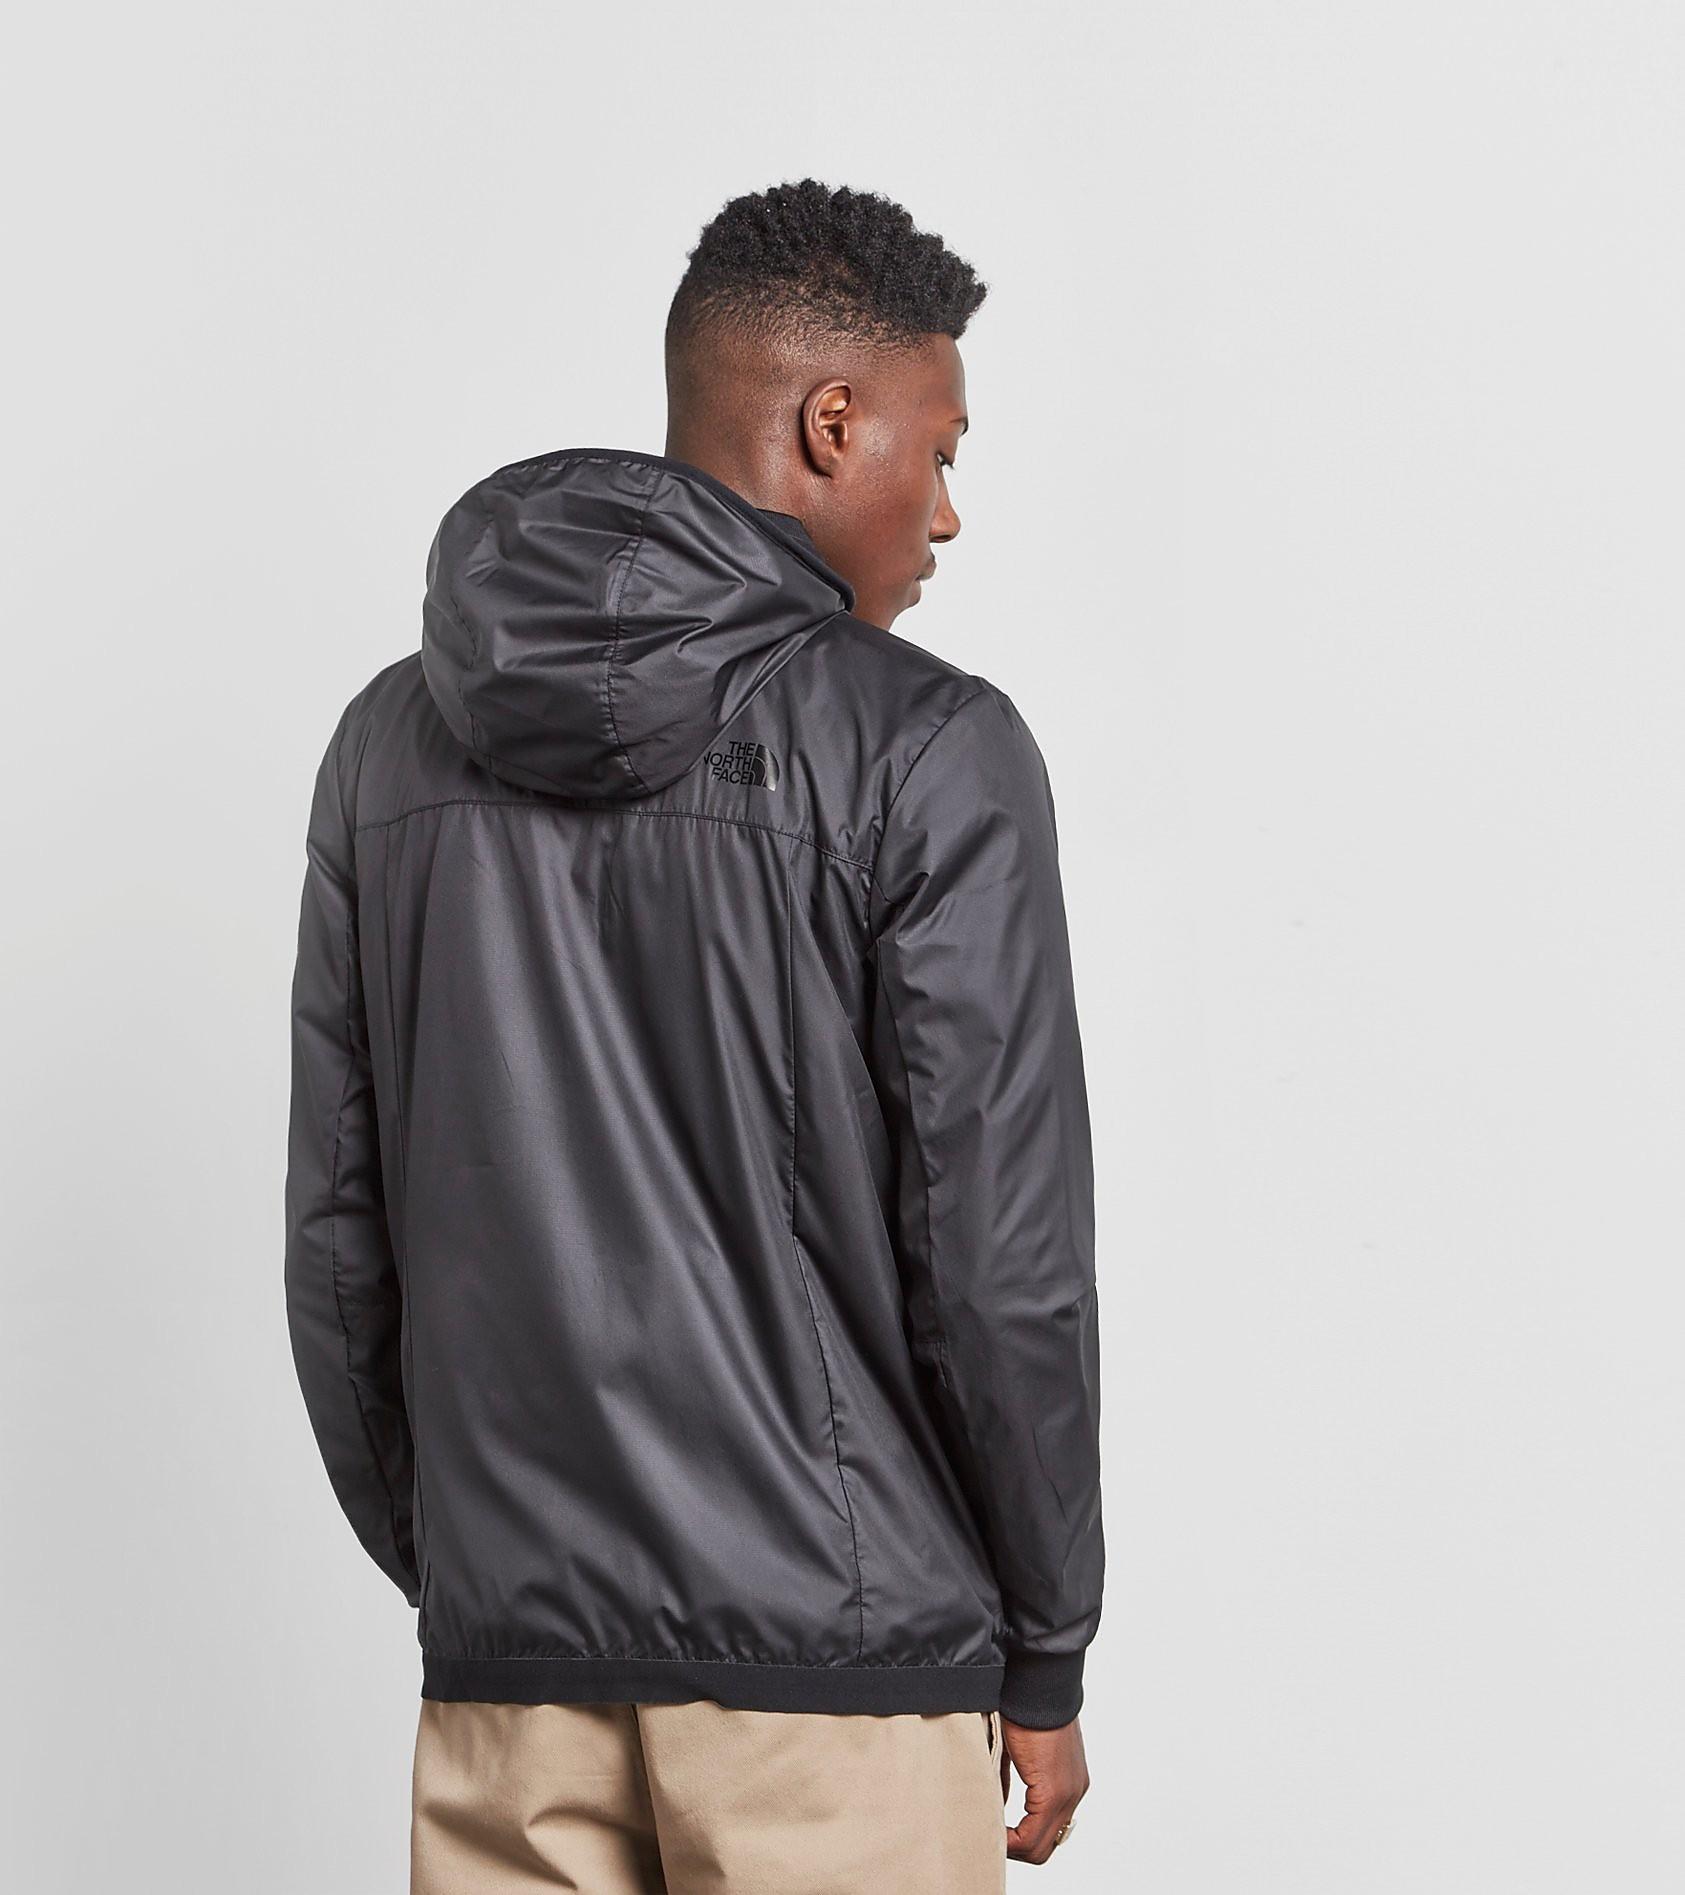 The North Face Black Label Denali Diablo Jacket